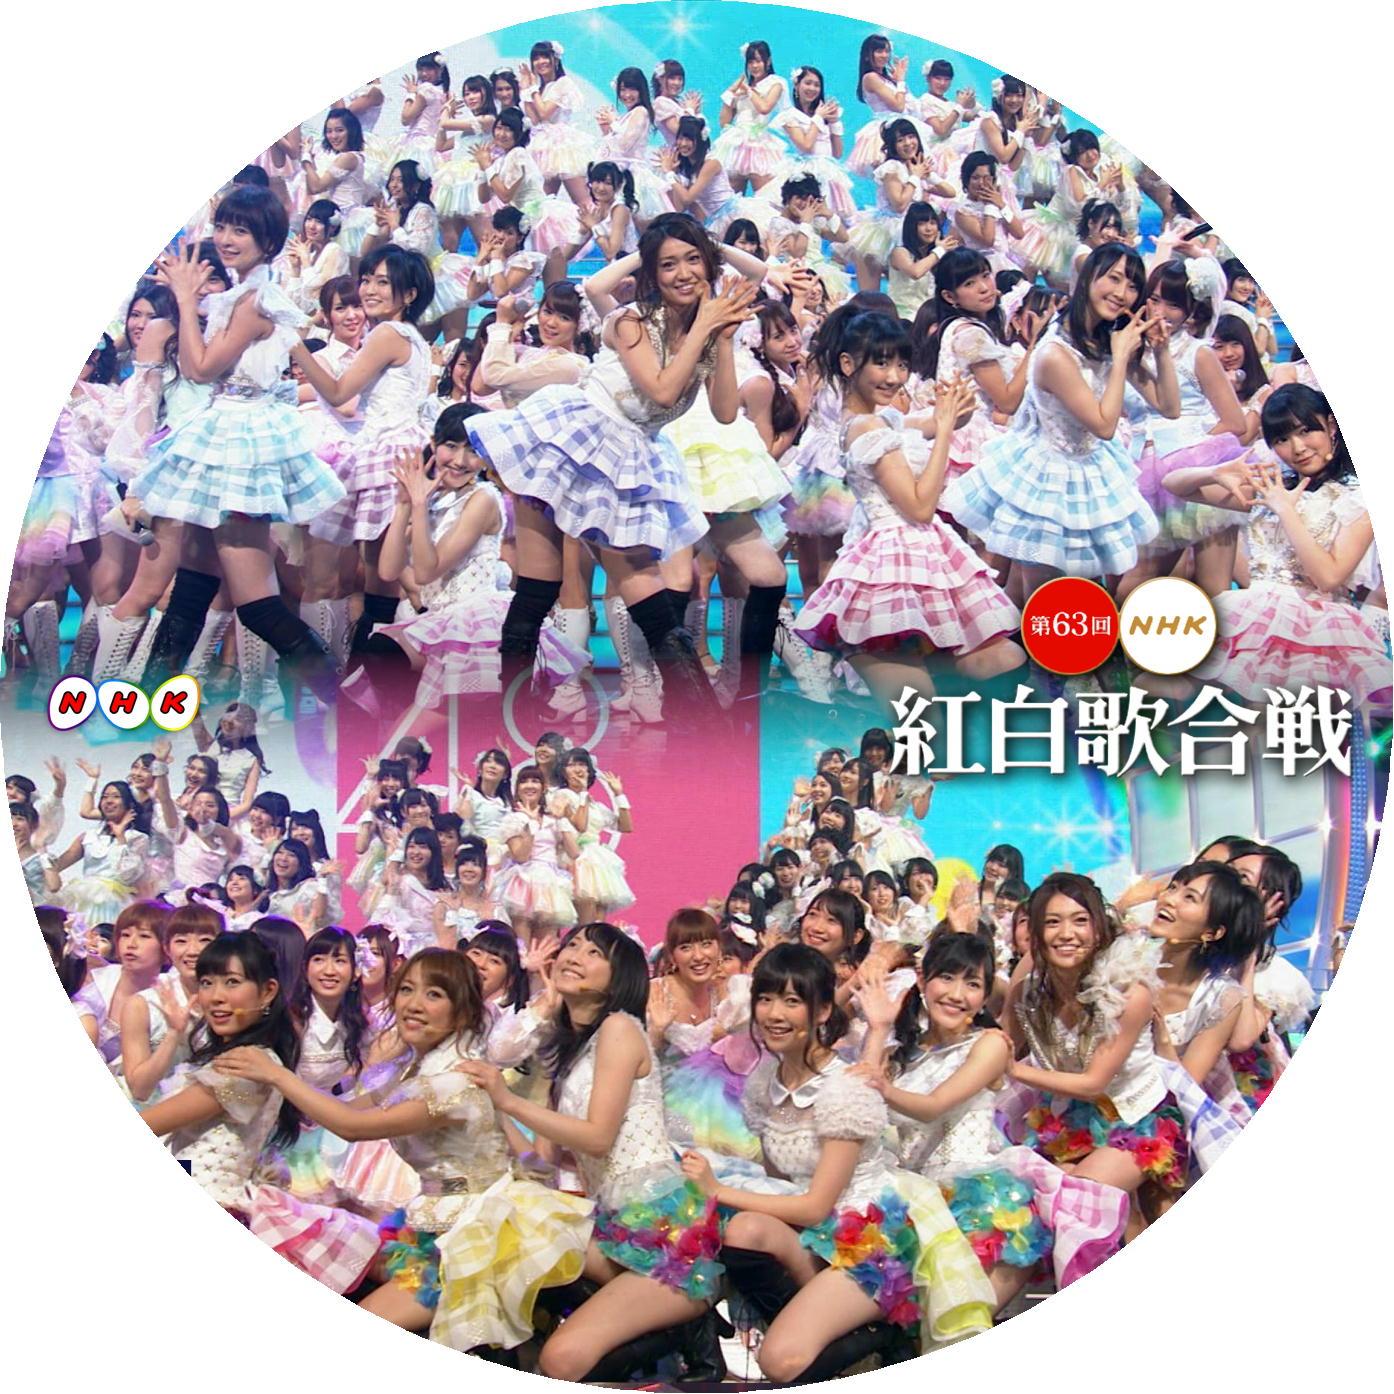 紅白歌合戦 AKB48 v2<br /> DVDラベル